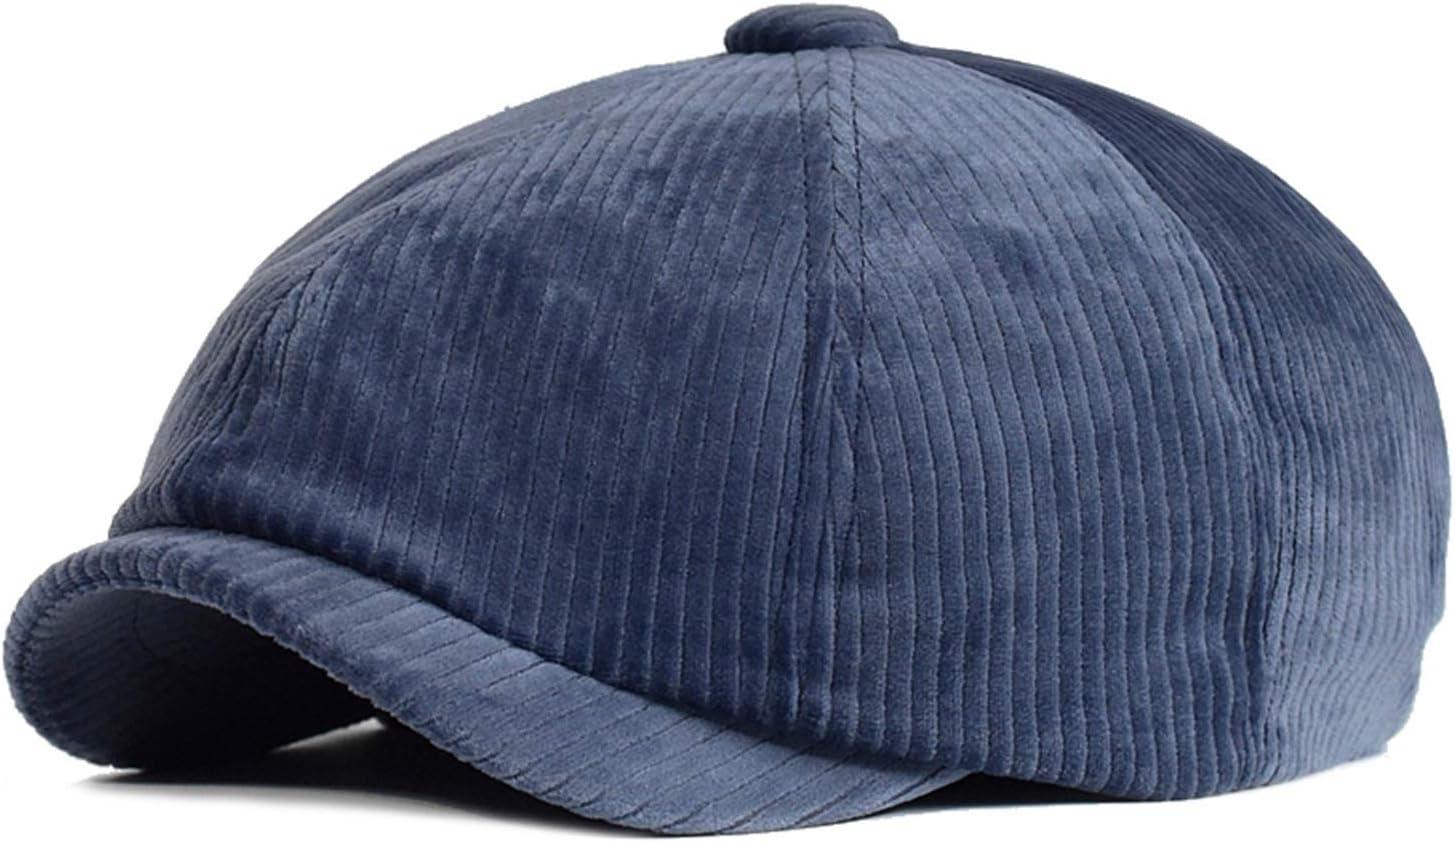 JSJJAER service Sun Hats Unisex Spring Courier shipping free Autumn Men Newsboy an Caps Winter